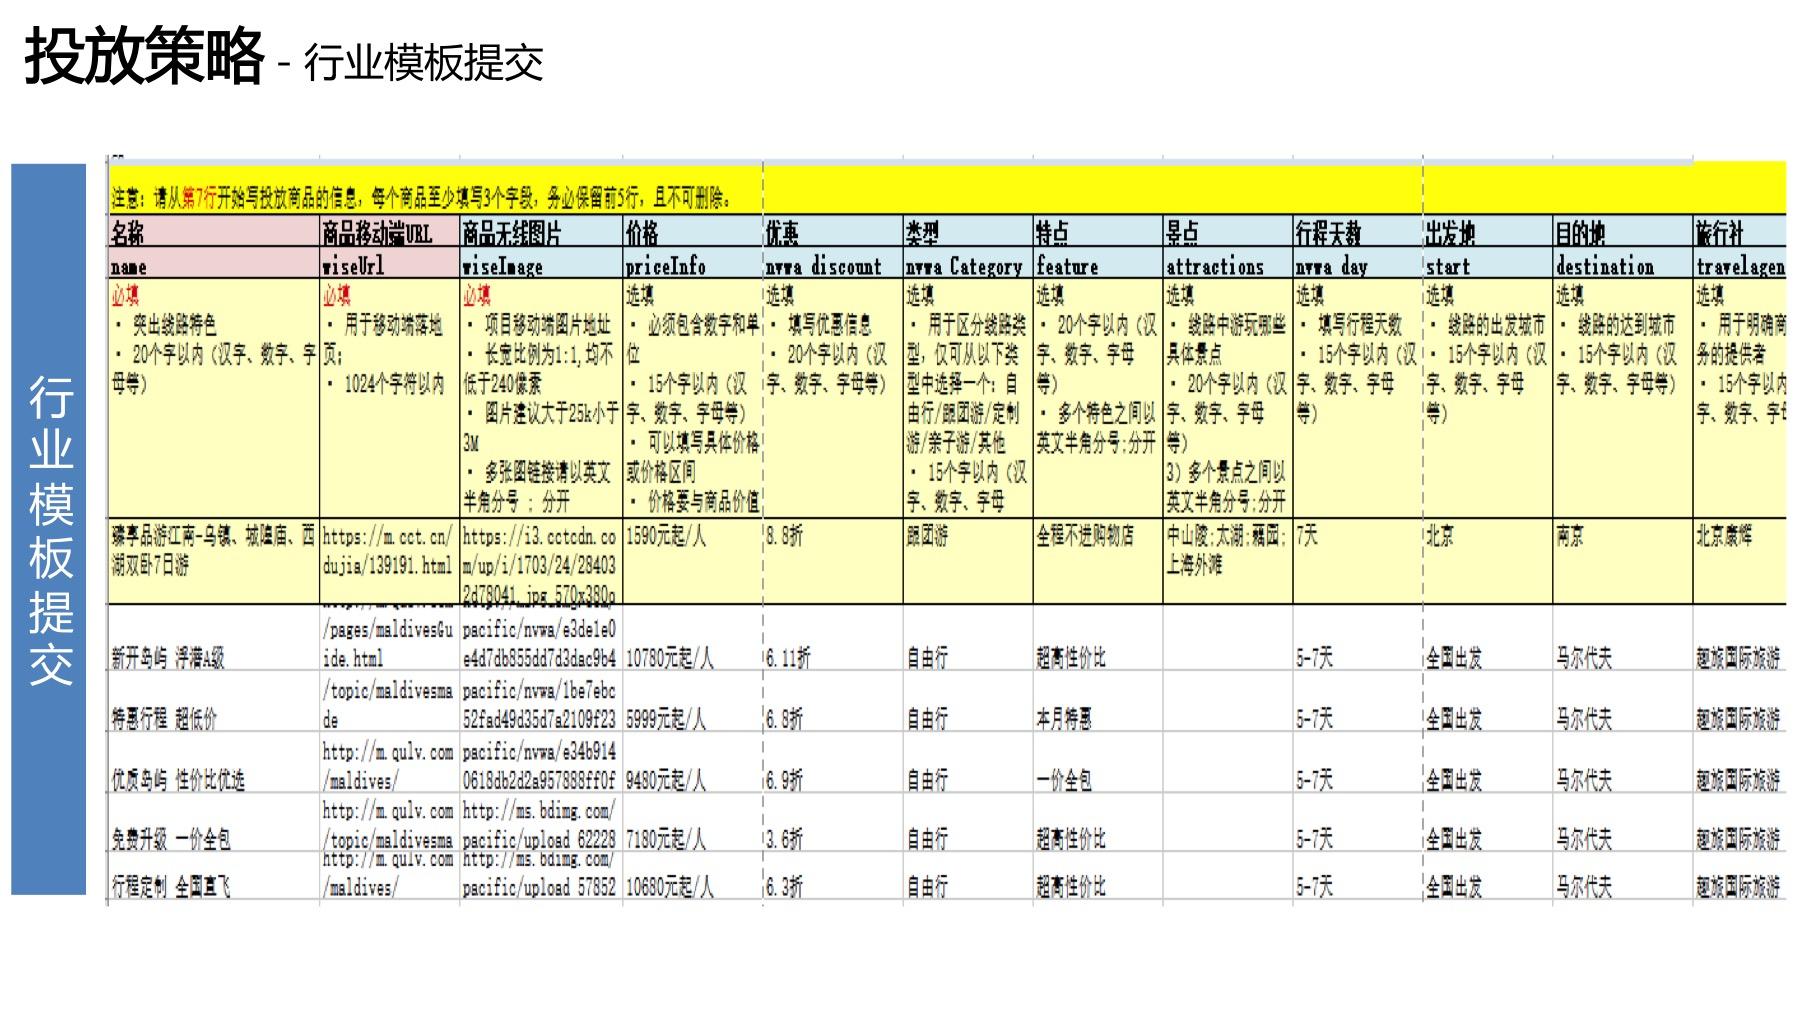 幻灯片09.jpg